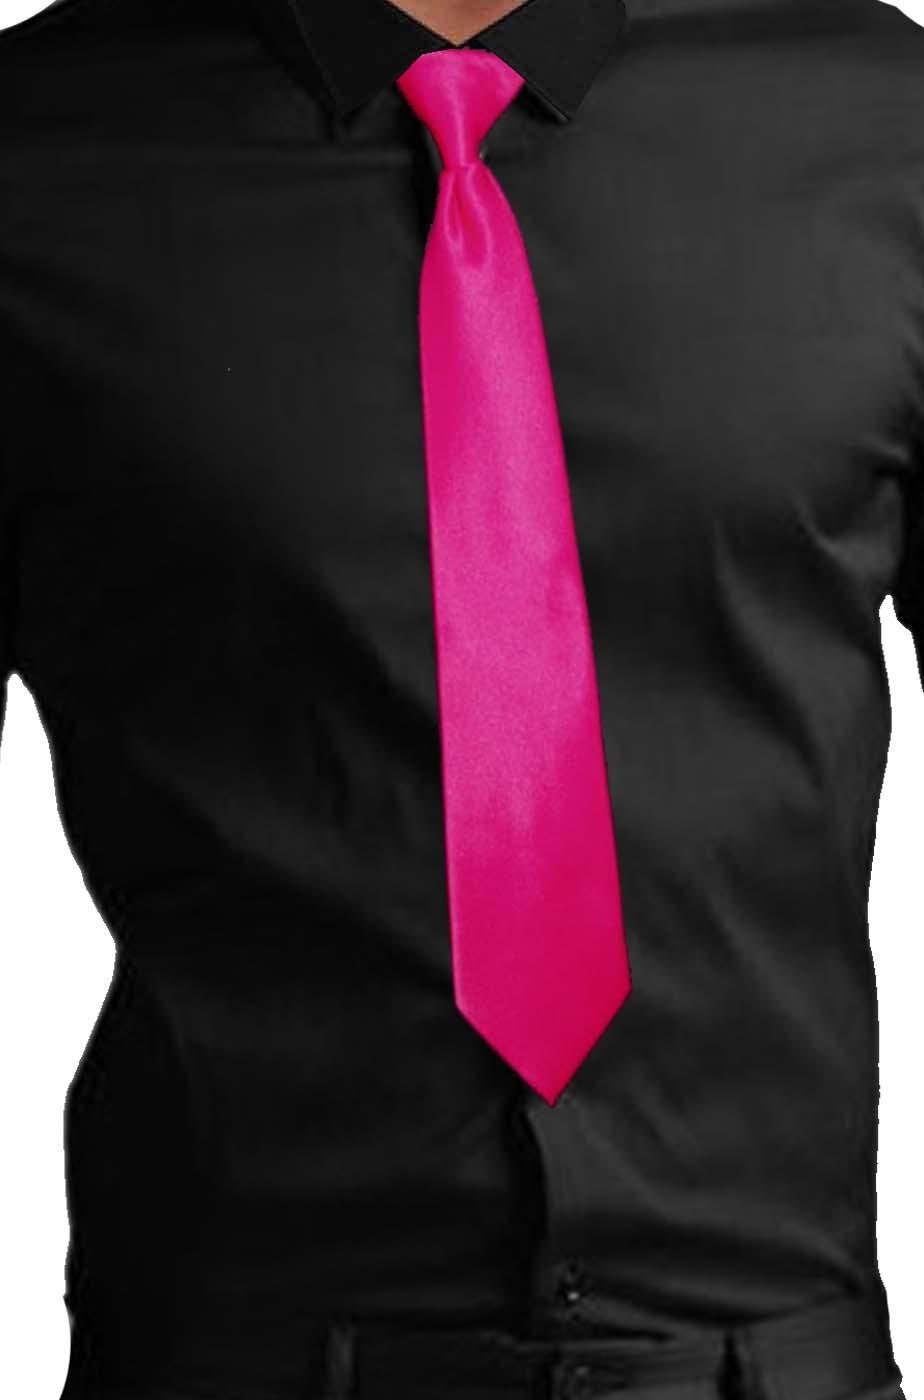 Cravatta fucsia fluo neon gangster